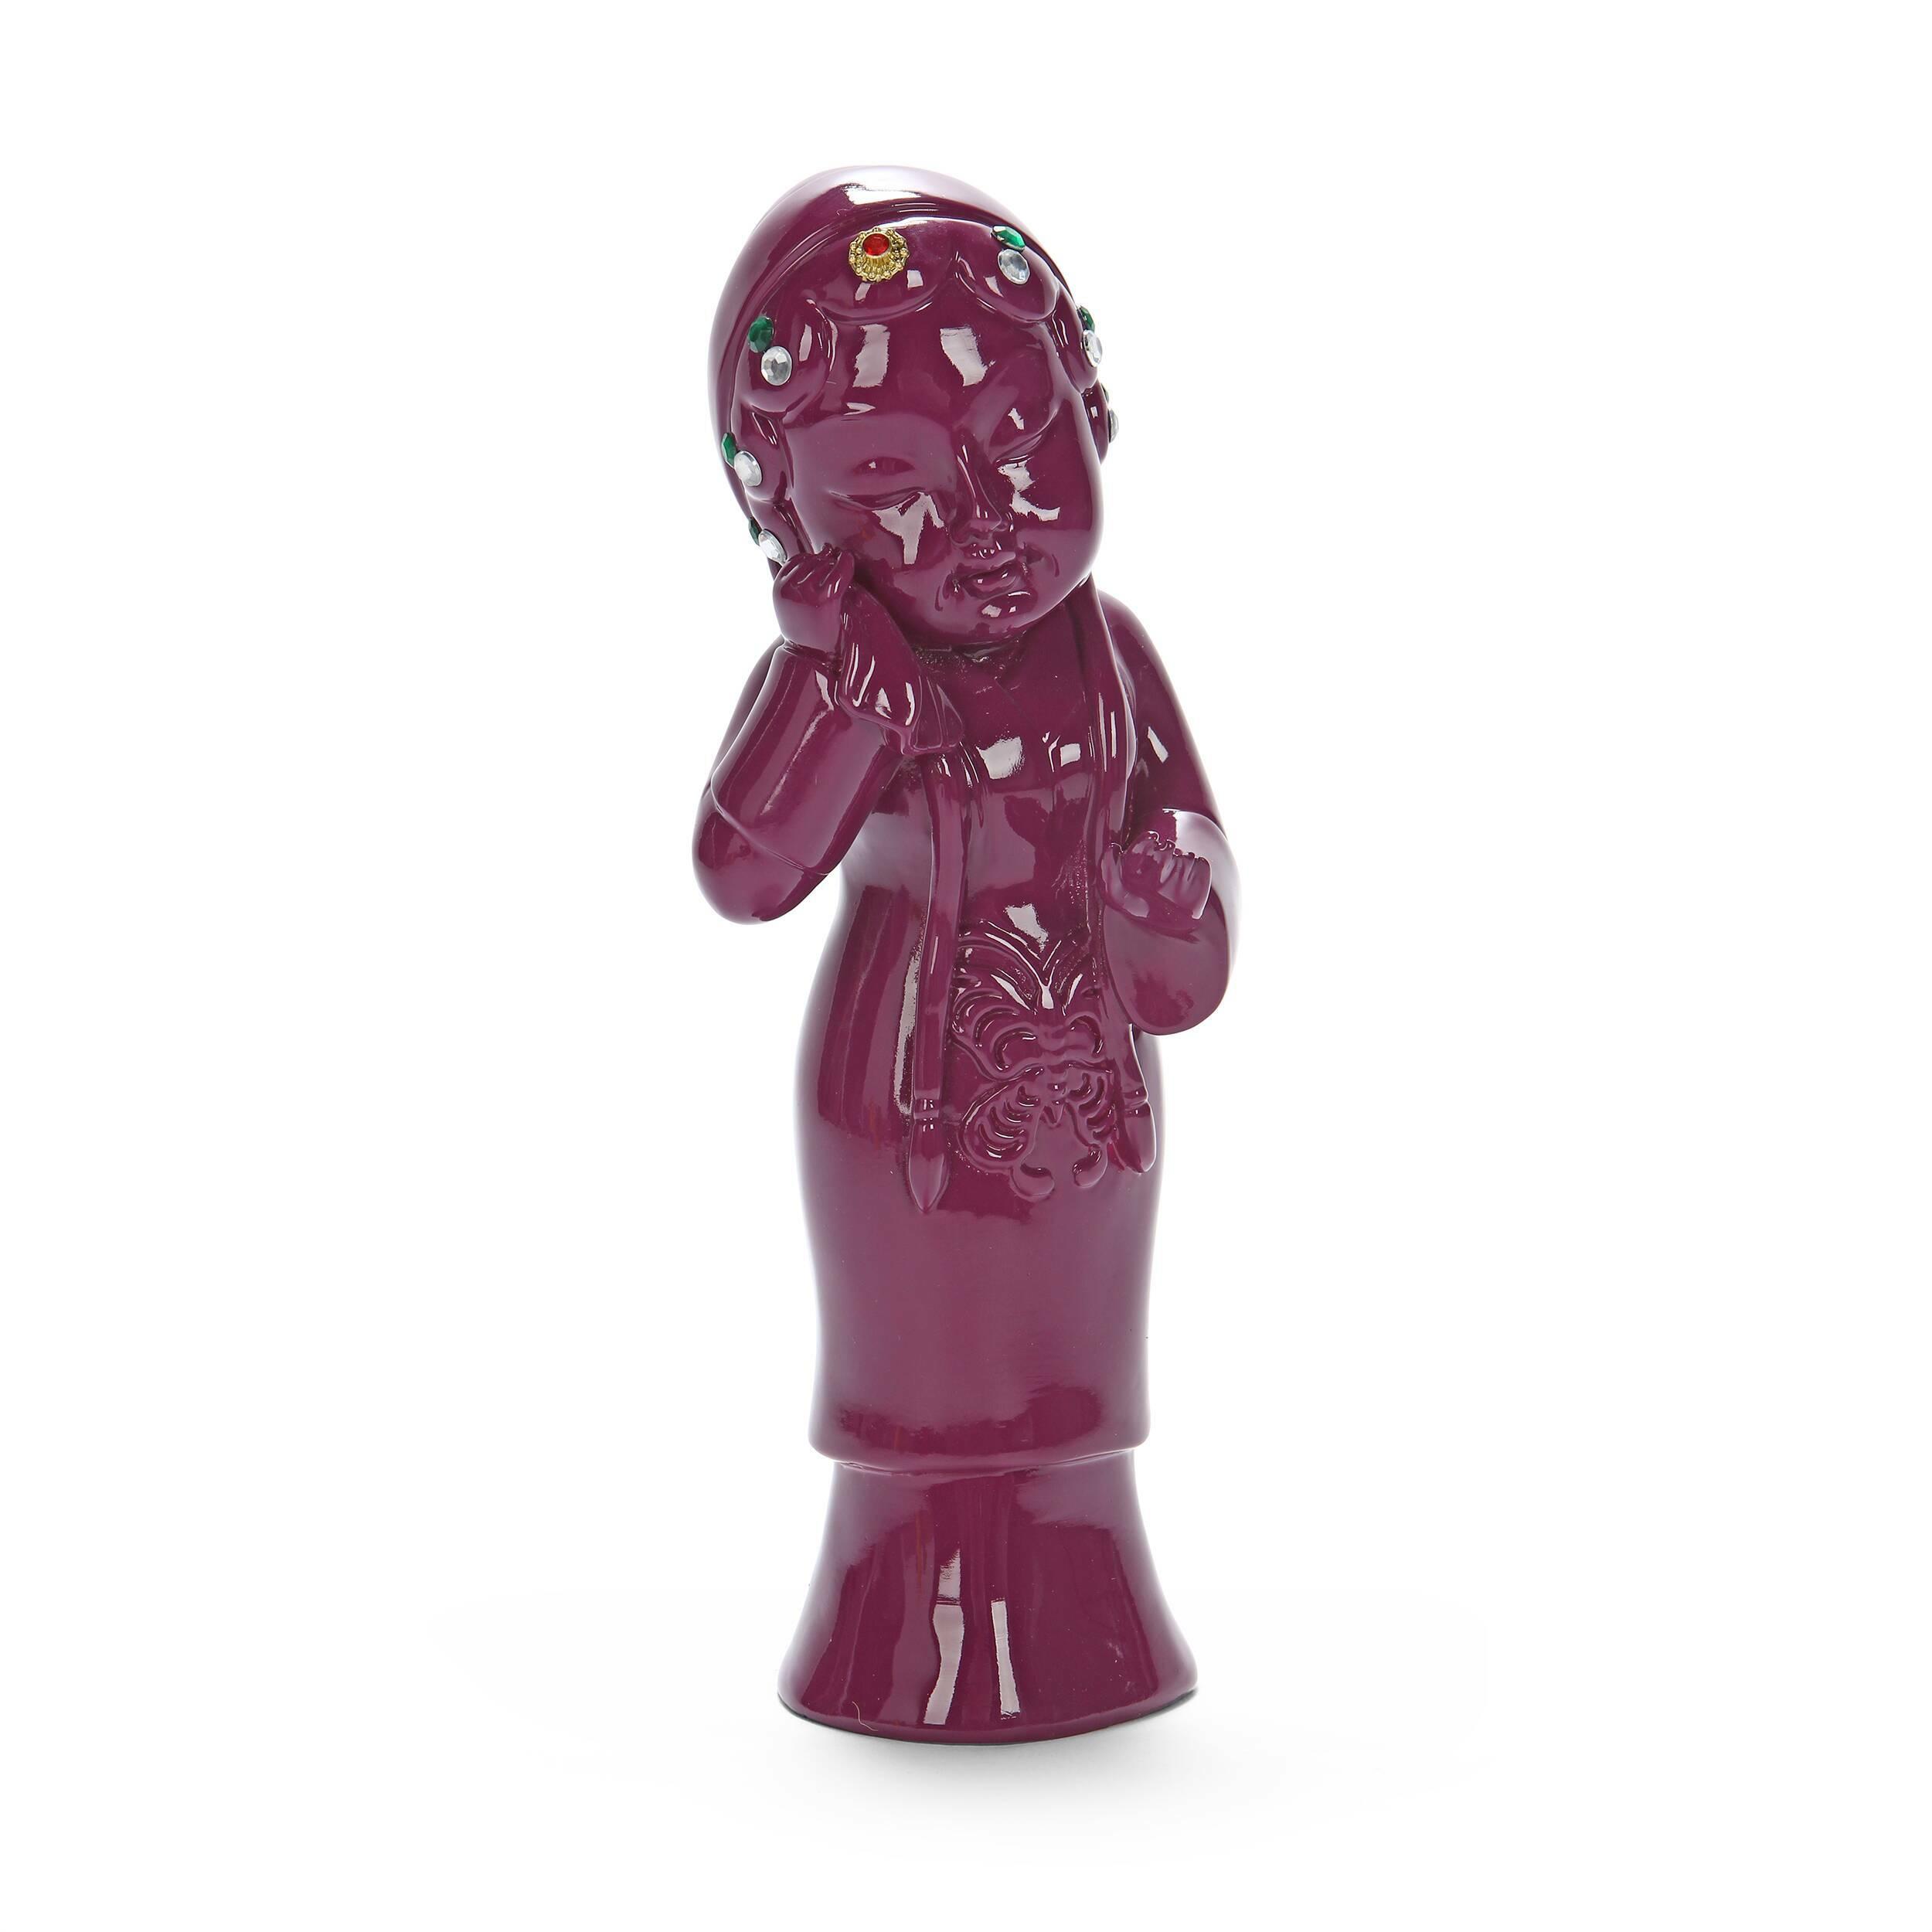 Статуэтка Geisha 4Настольные<br>Дизайнерская маленькая фиолетовая статуэтка Geisha (Гейша) из полистоуна от Cosmo (Космо).Говорить об актуальности декора в мире современного дизайна не приходится, это очевидно. Наряду с появлением новых трендов меняются все составляющие дизайна. Одно из последних значимых изменений — это возврат к истокам. Чтить традиции и культуру теперь не только жест уважения, но и особое движение, актуализирующееся в мире современного дизайна. Коллекция J for Japan — соответствующая современным трендам ...<br><br>stock: 2<br>Высота: 25<br>Ширина: 10<br>Материал: Полистоун<br>Цвет: Фиолетовый<br>Длина: 10